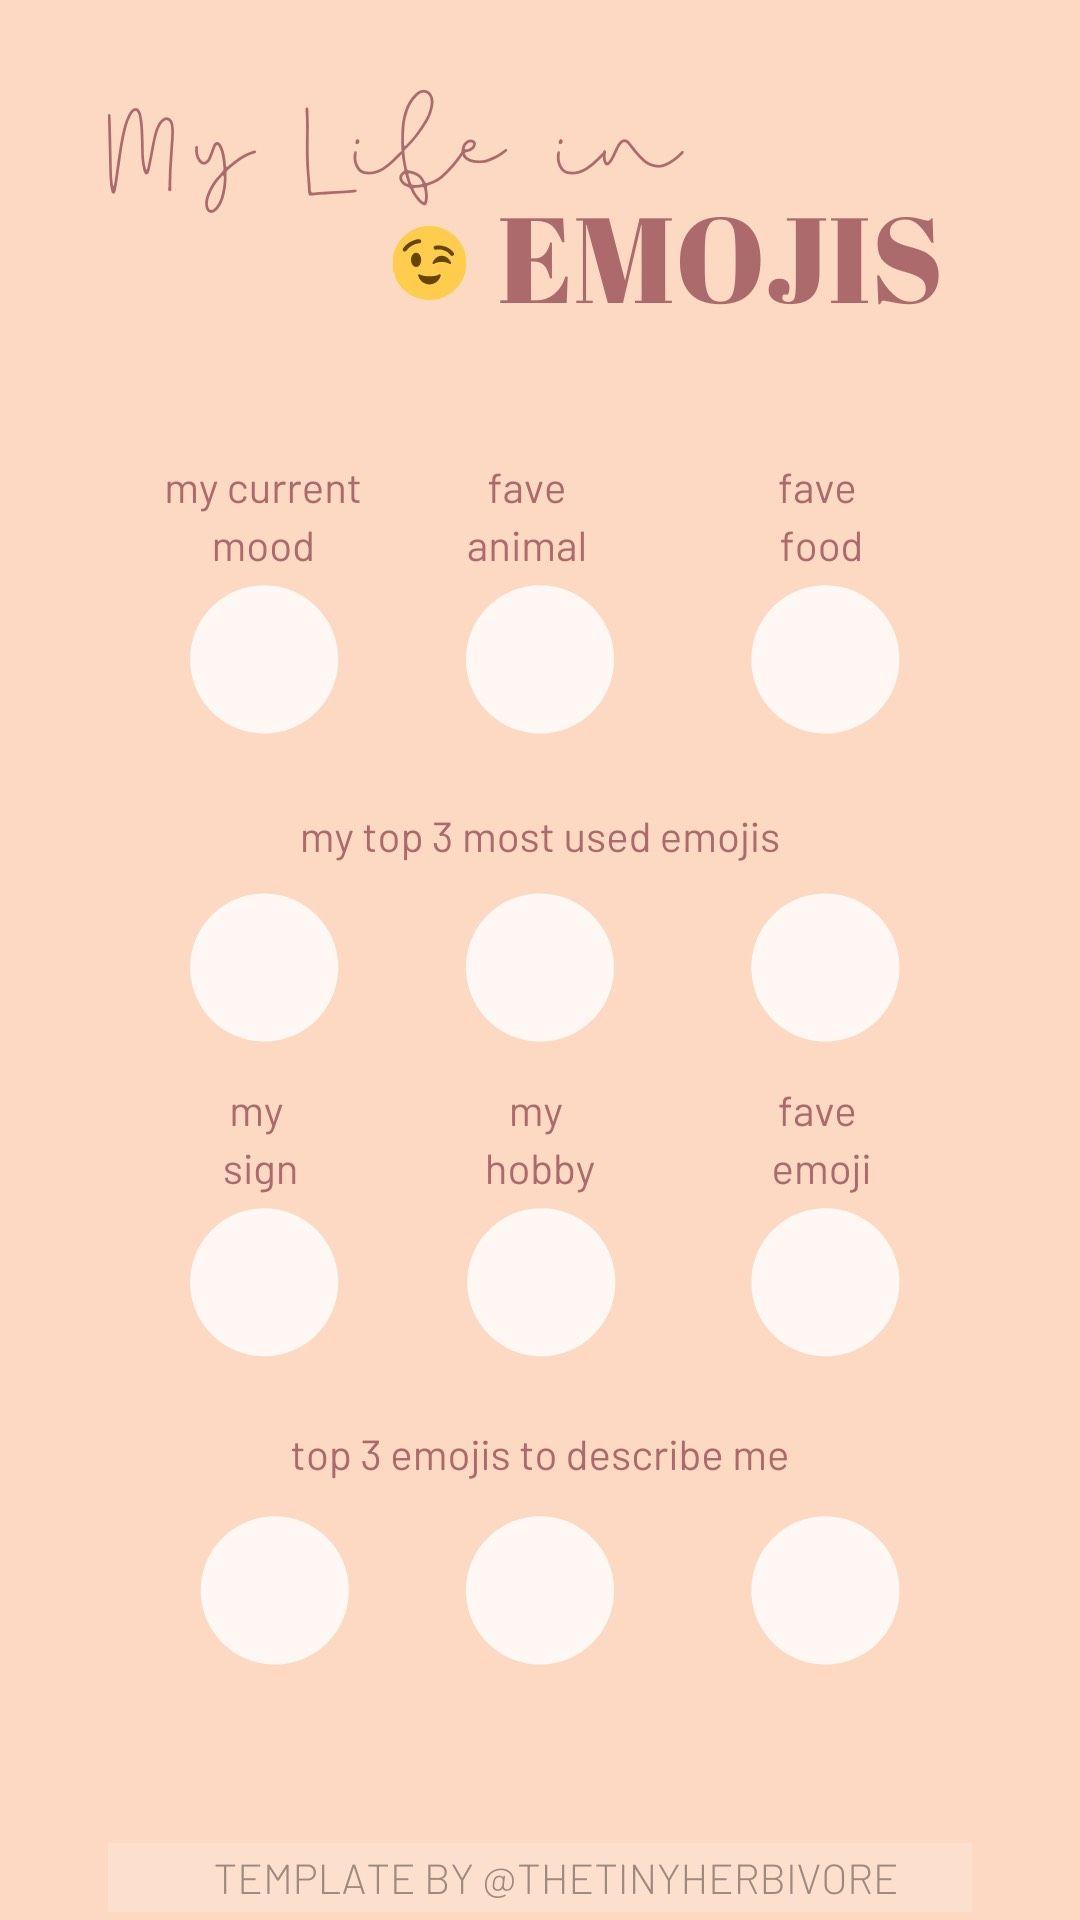 My Life In Emojis Instagram Template In 2020 Instagram Questions This Or That Questions Instagram Template